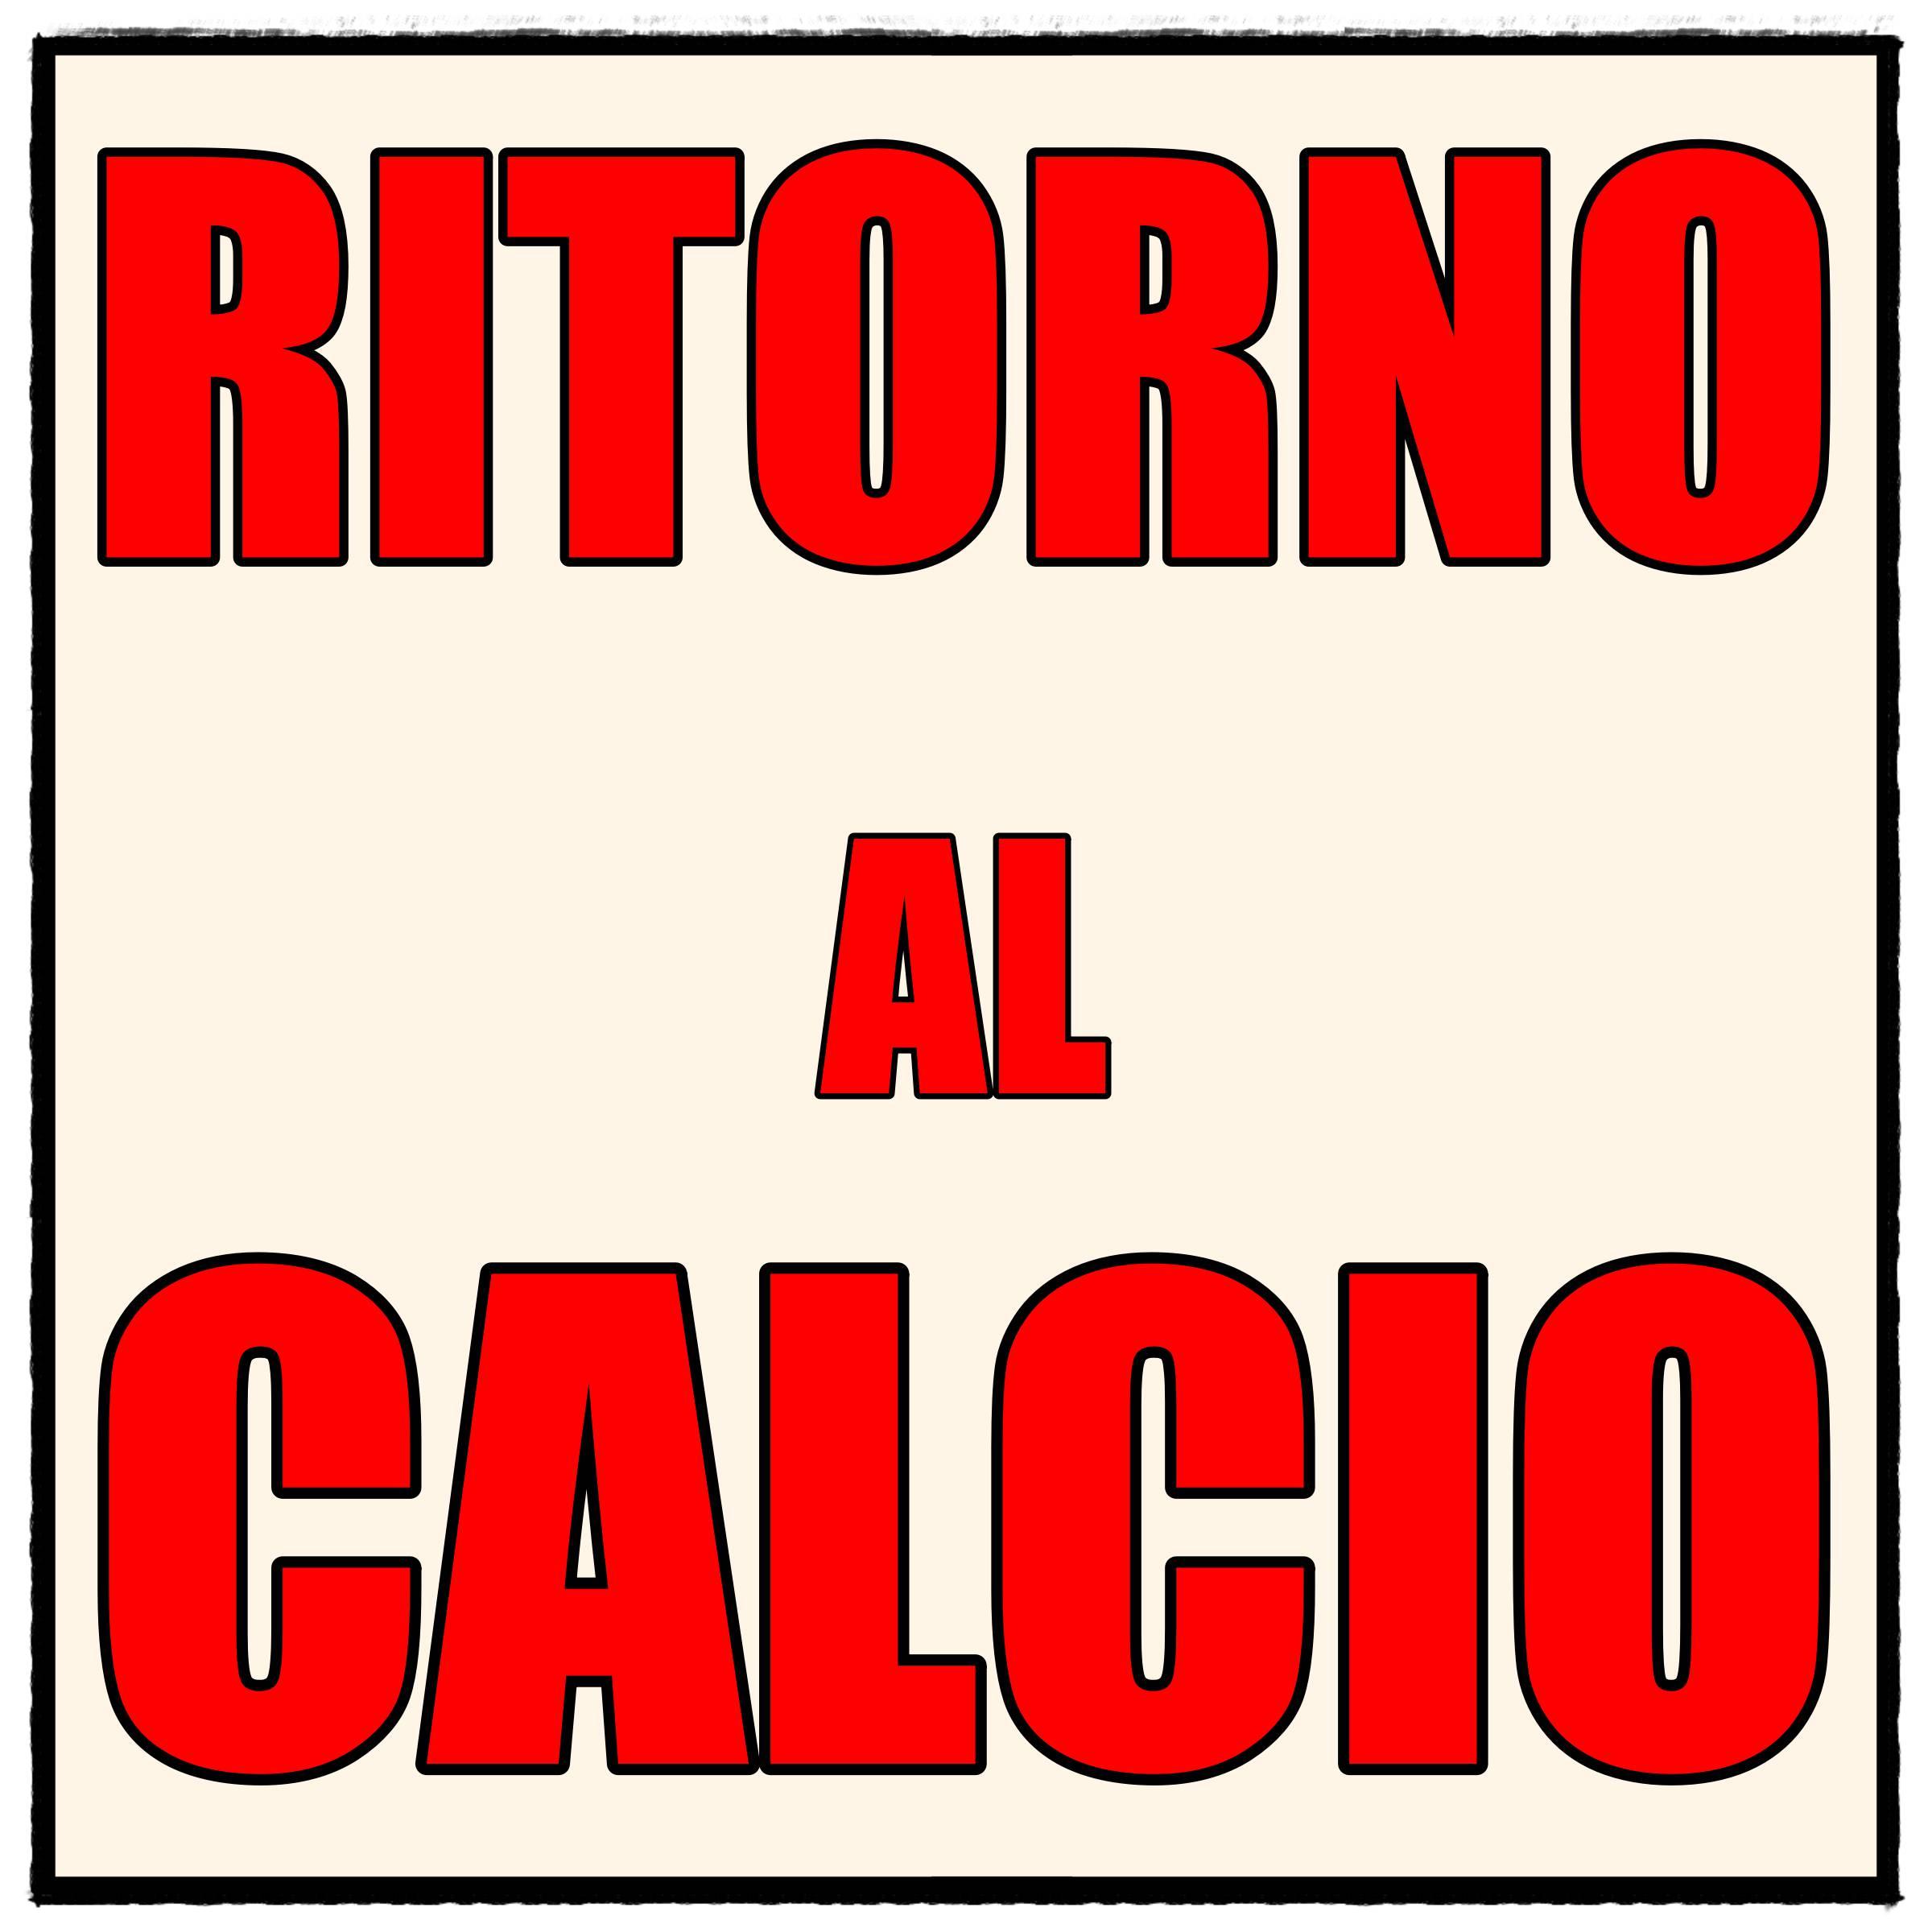 c847f4c54f Subito una doppietta di Ronaldo. Dopo i fatti tragici e gli episodi di  razzismo di Inter-Napoli ritorno al calcio con l'ultima giornata dell'anno.